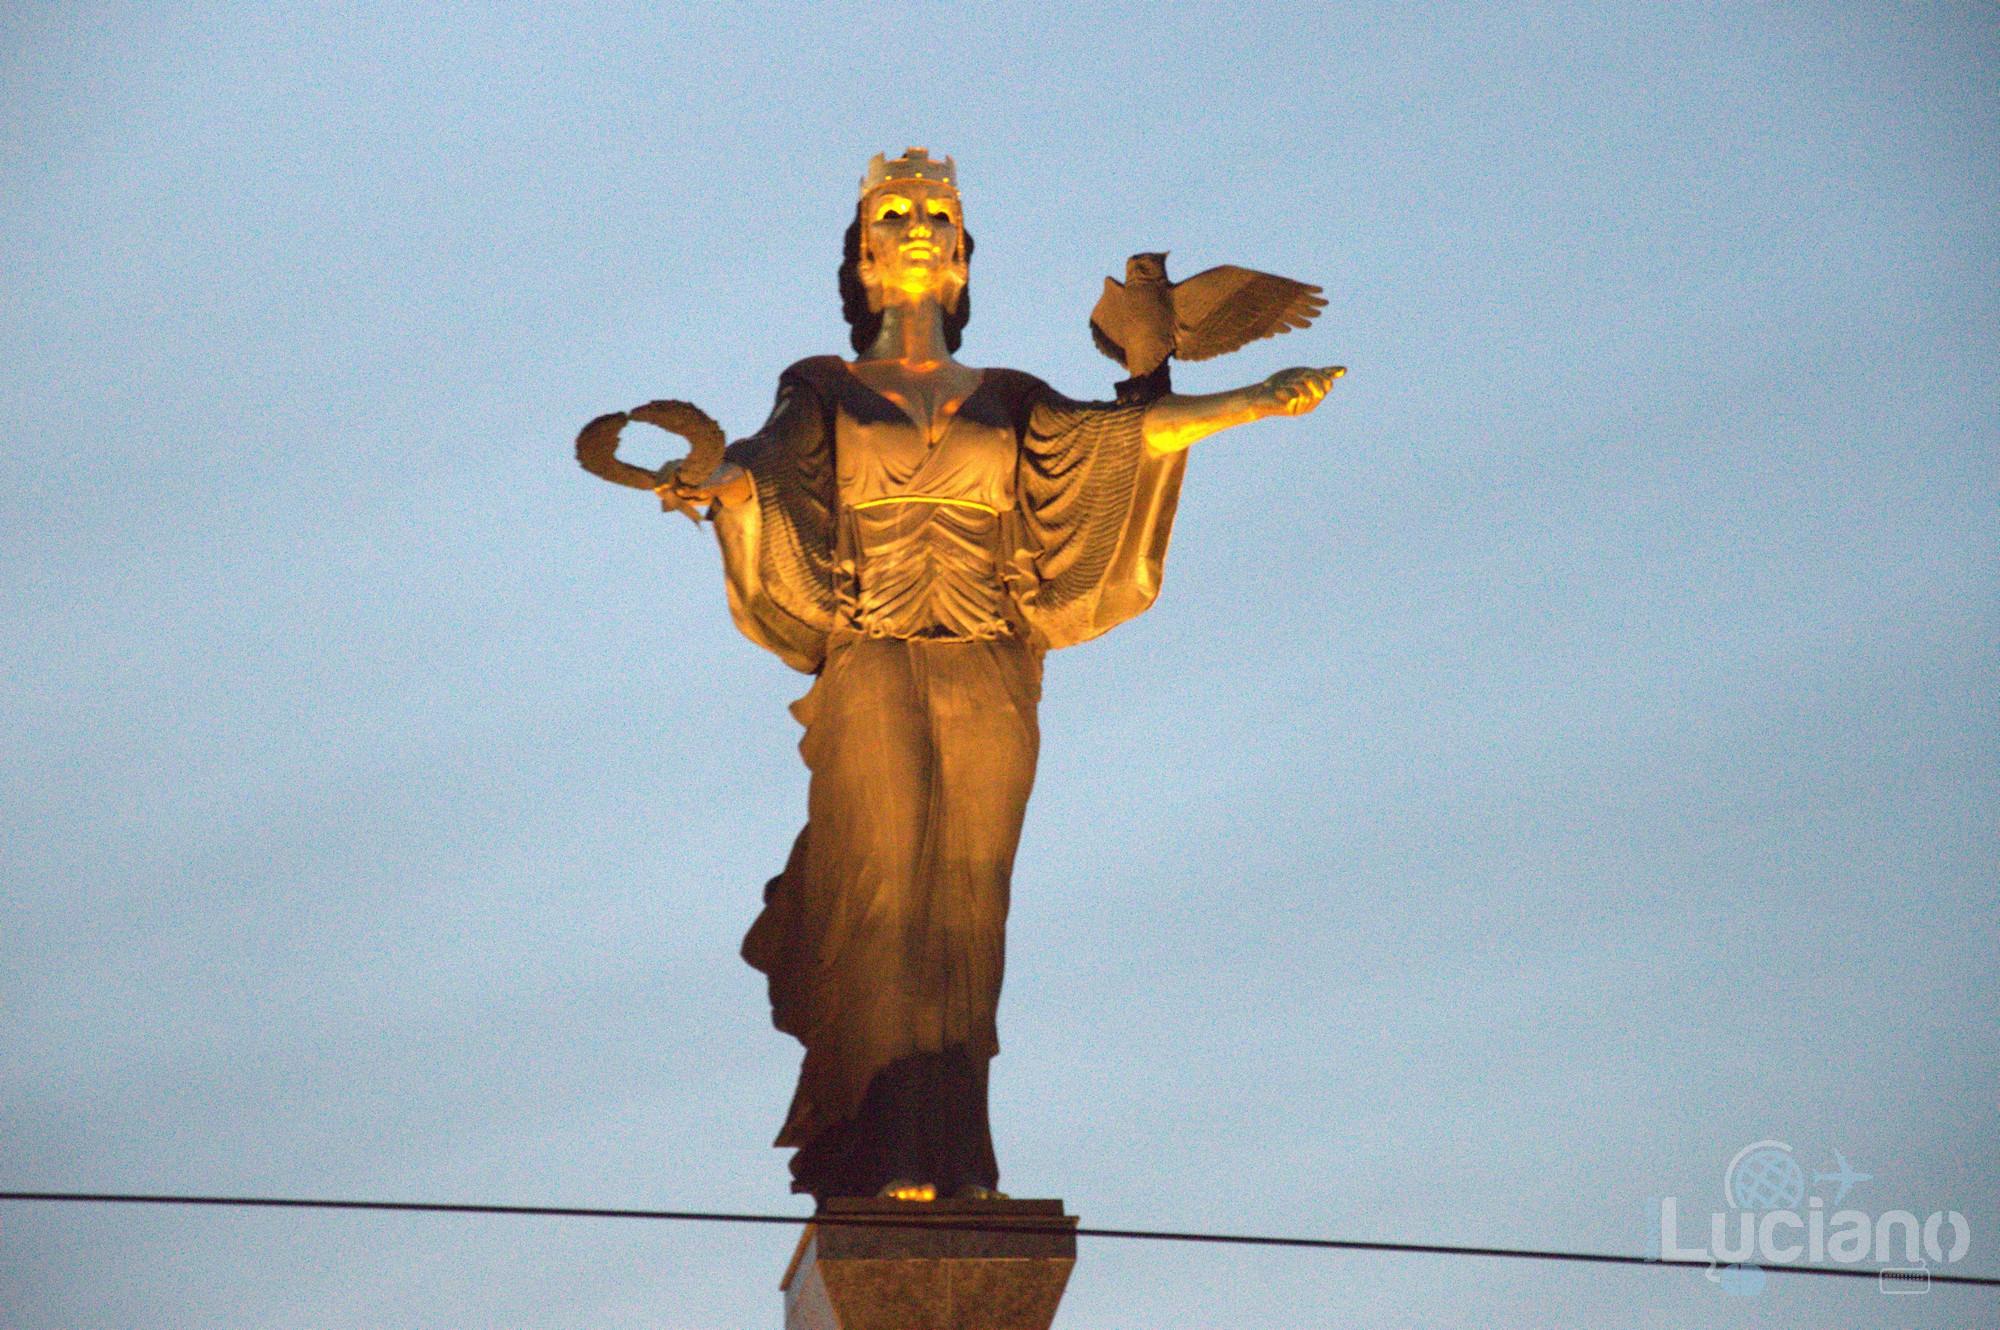 La statua di Santa Sofia / Статуя на Света София - Sofia - Bulgaria